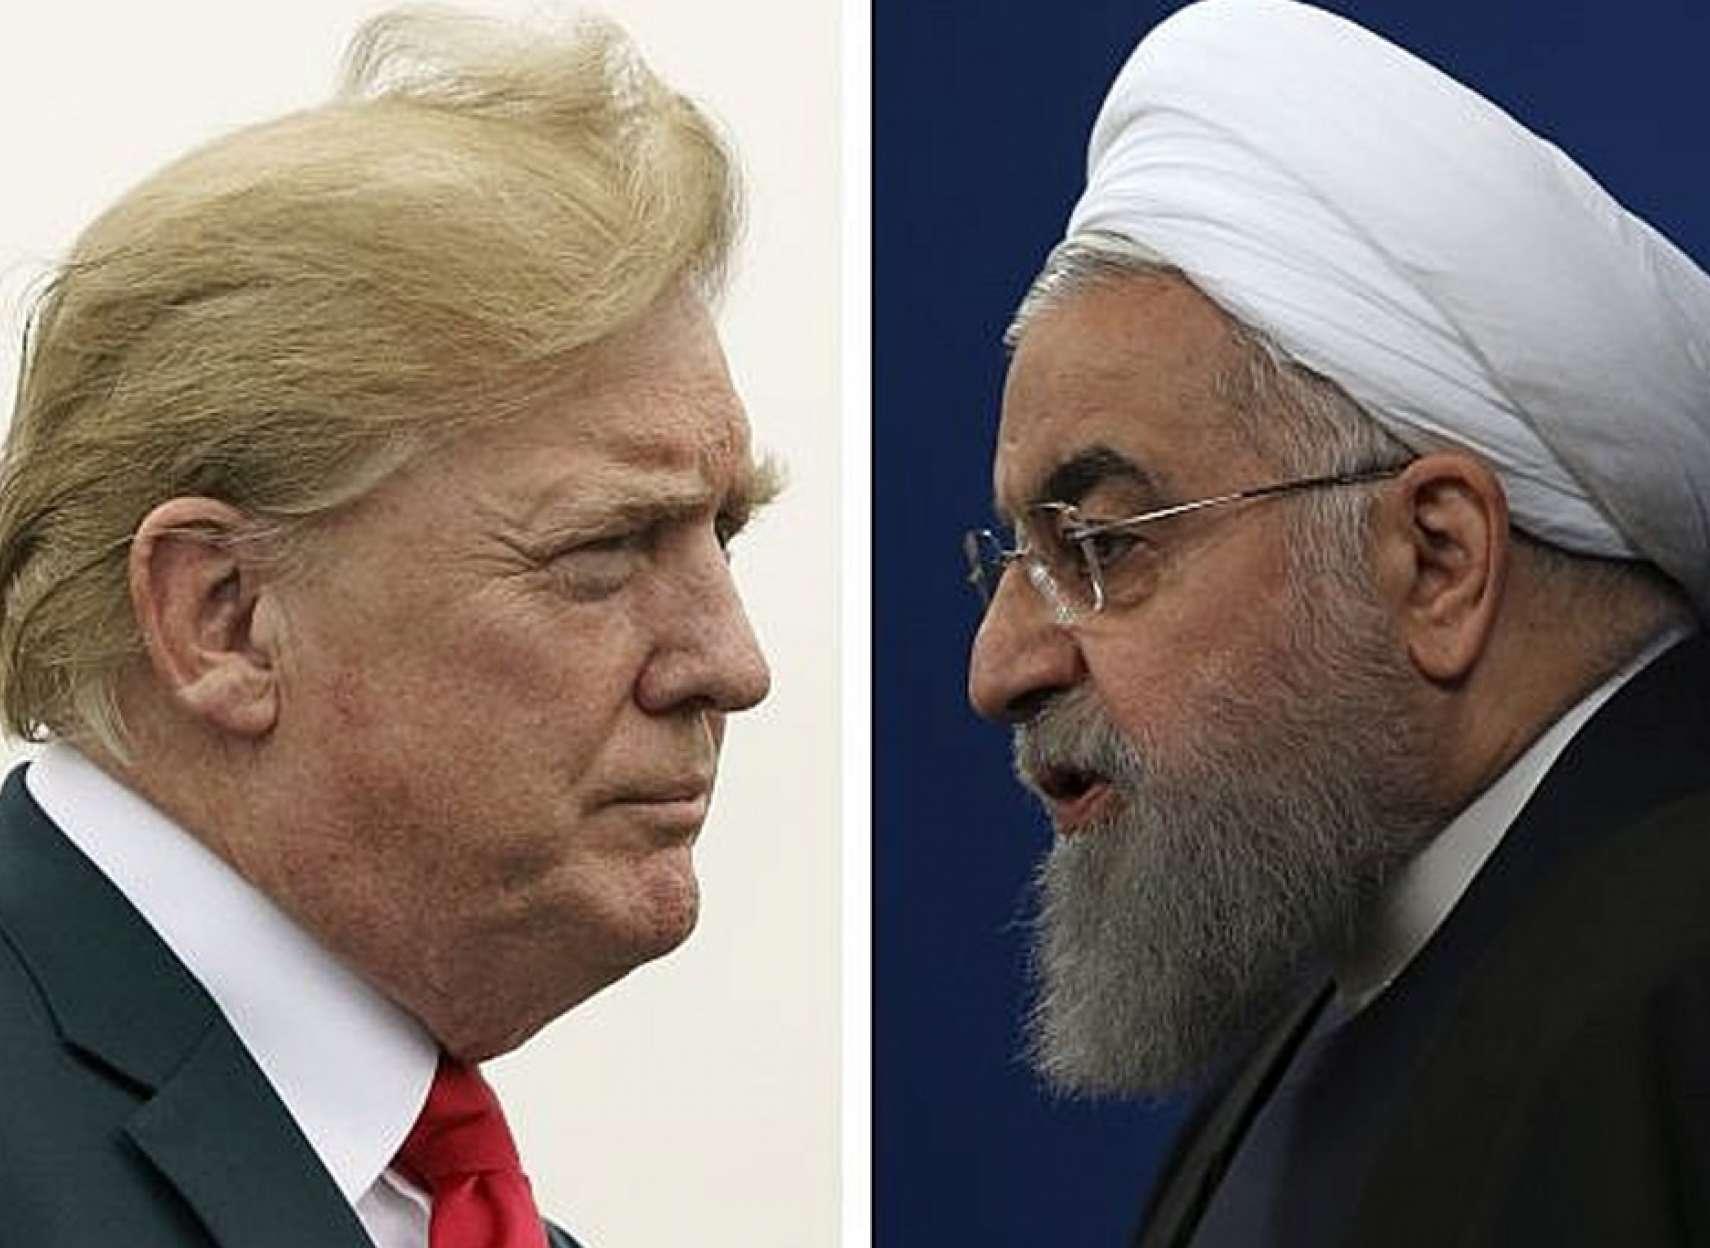 جهان-احتمال-مذاکره-ایران-و-آمریکا-و-سپس-رد-آن